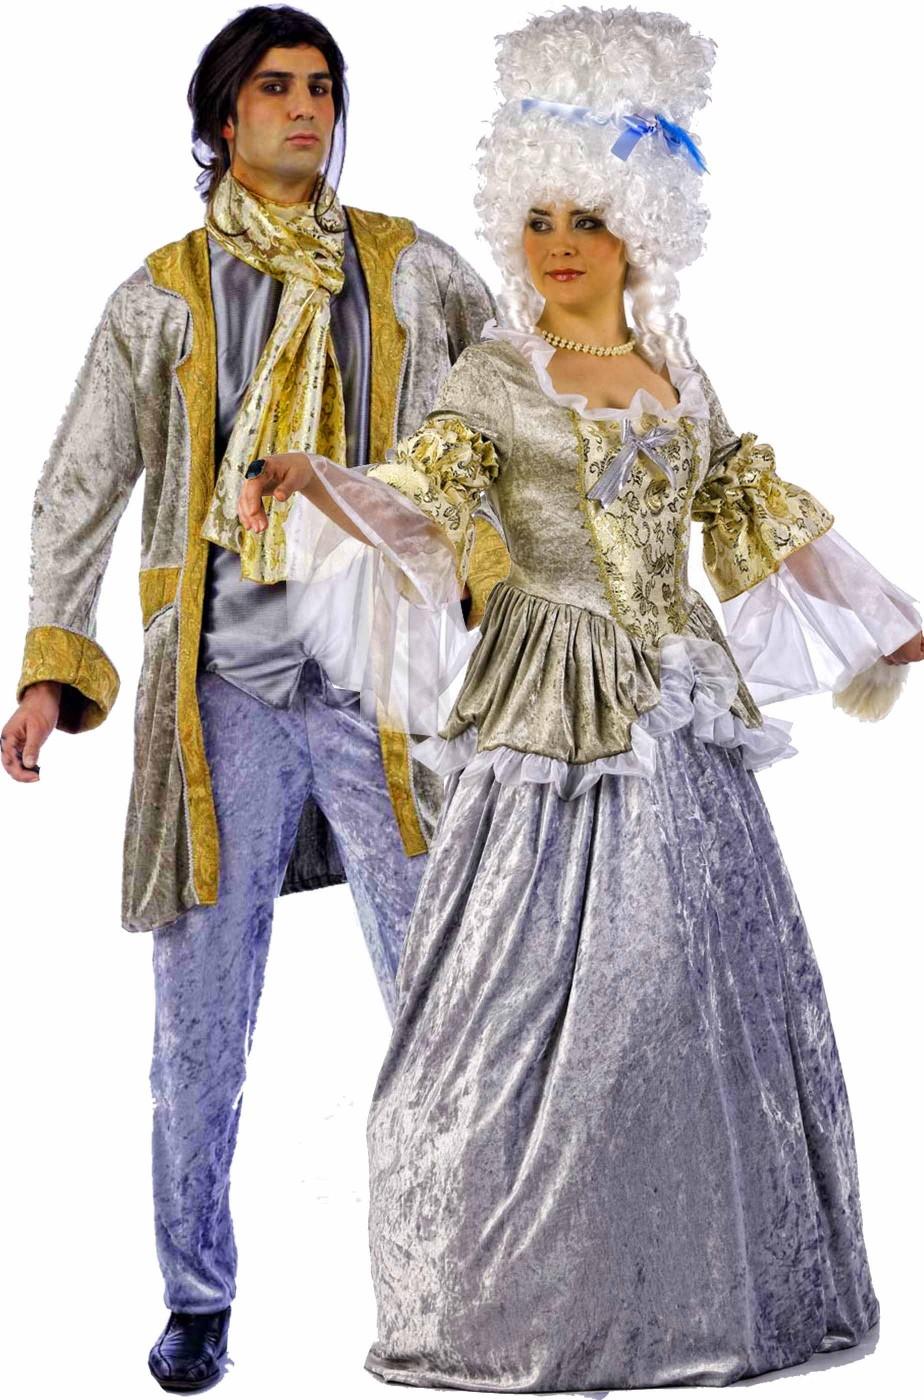 d104e6b6b606 Coppia di vestiti di carnevale Barocco rococò 700 uomo e donna dorati